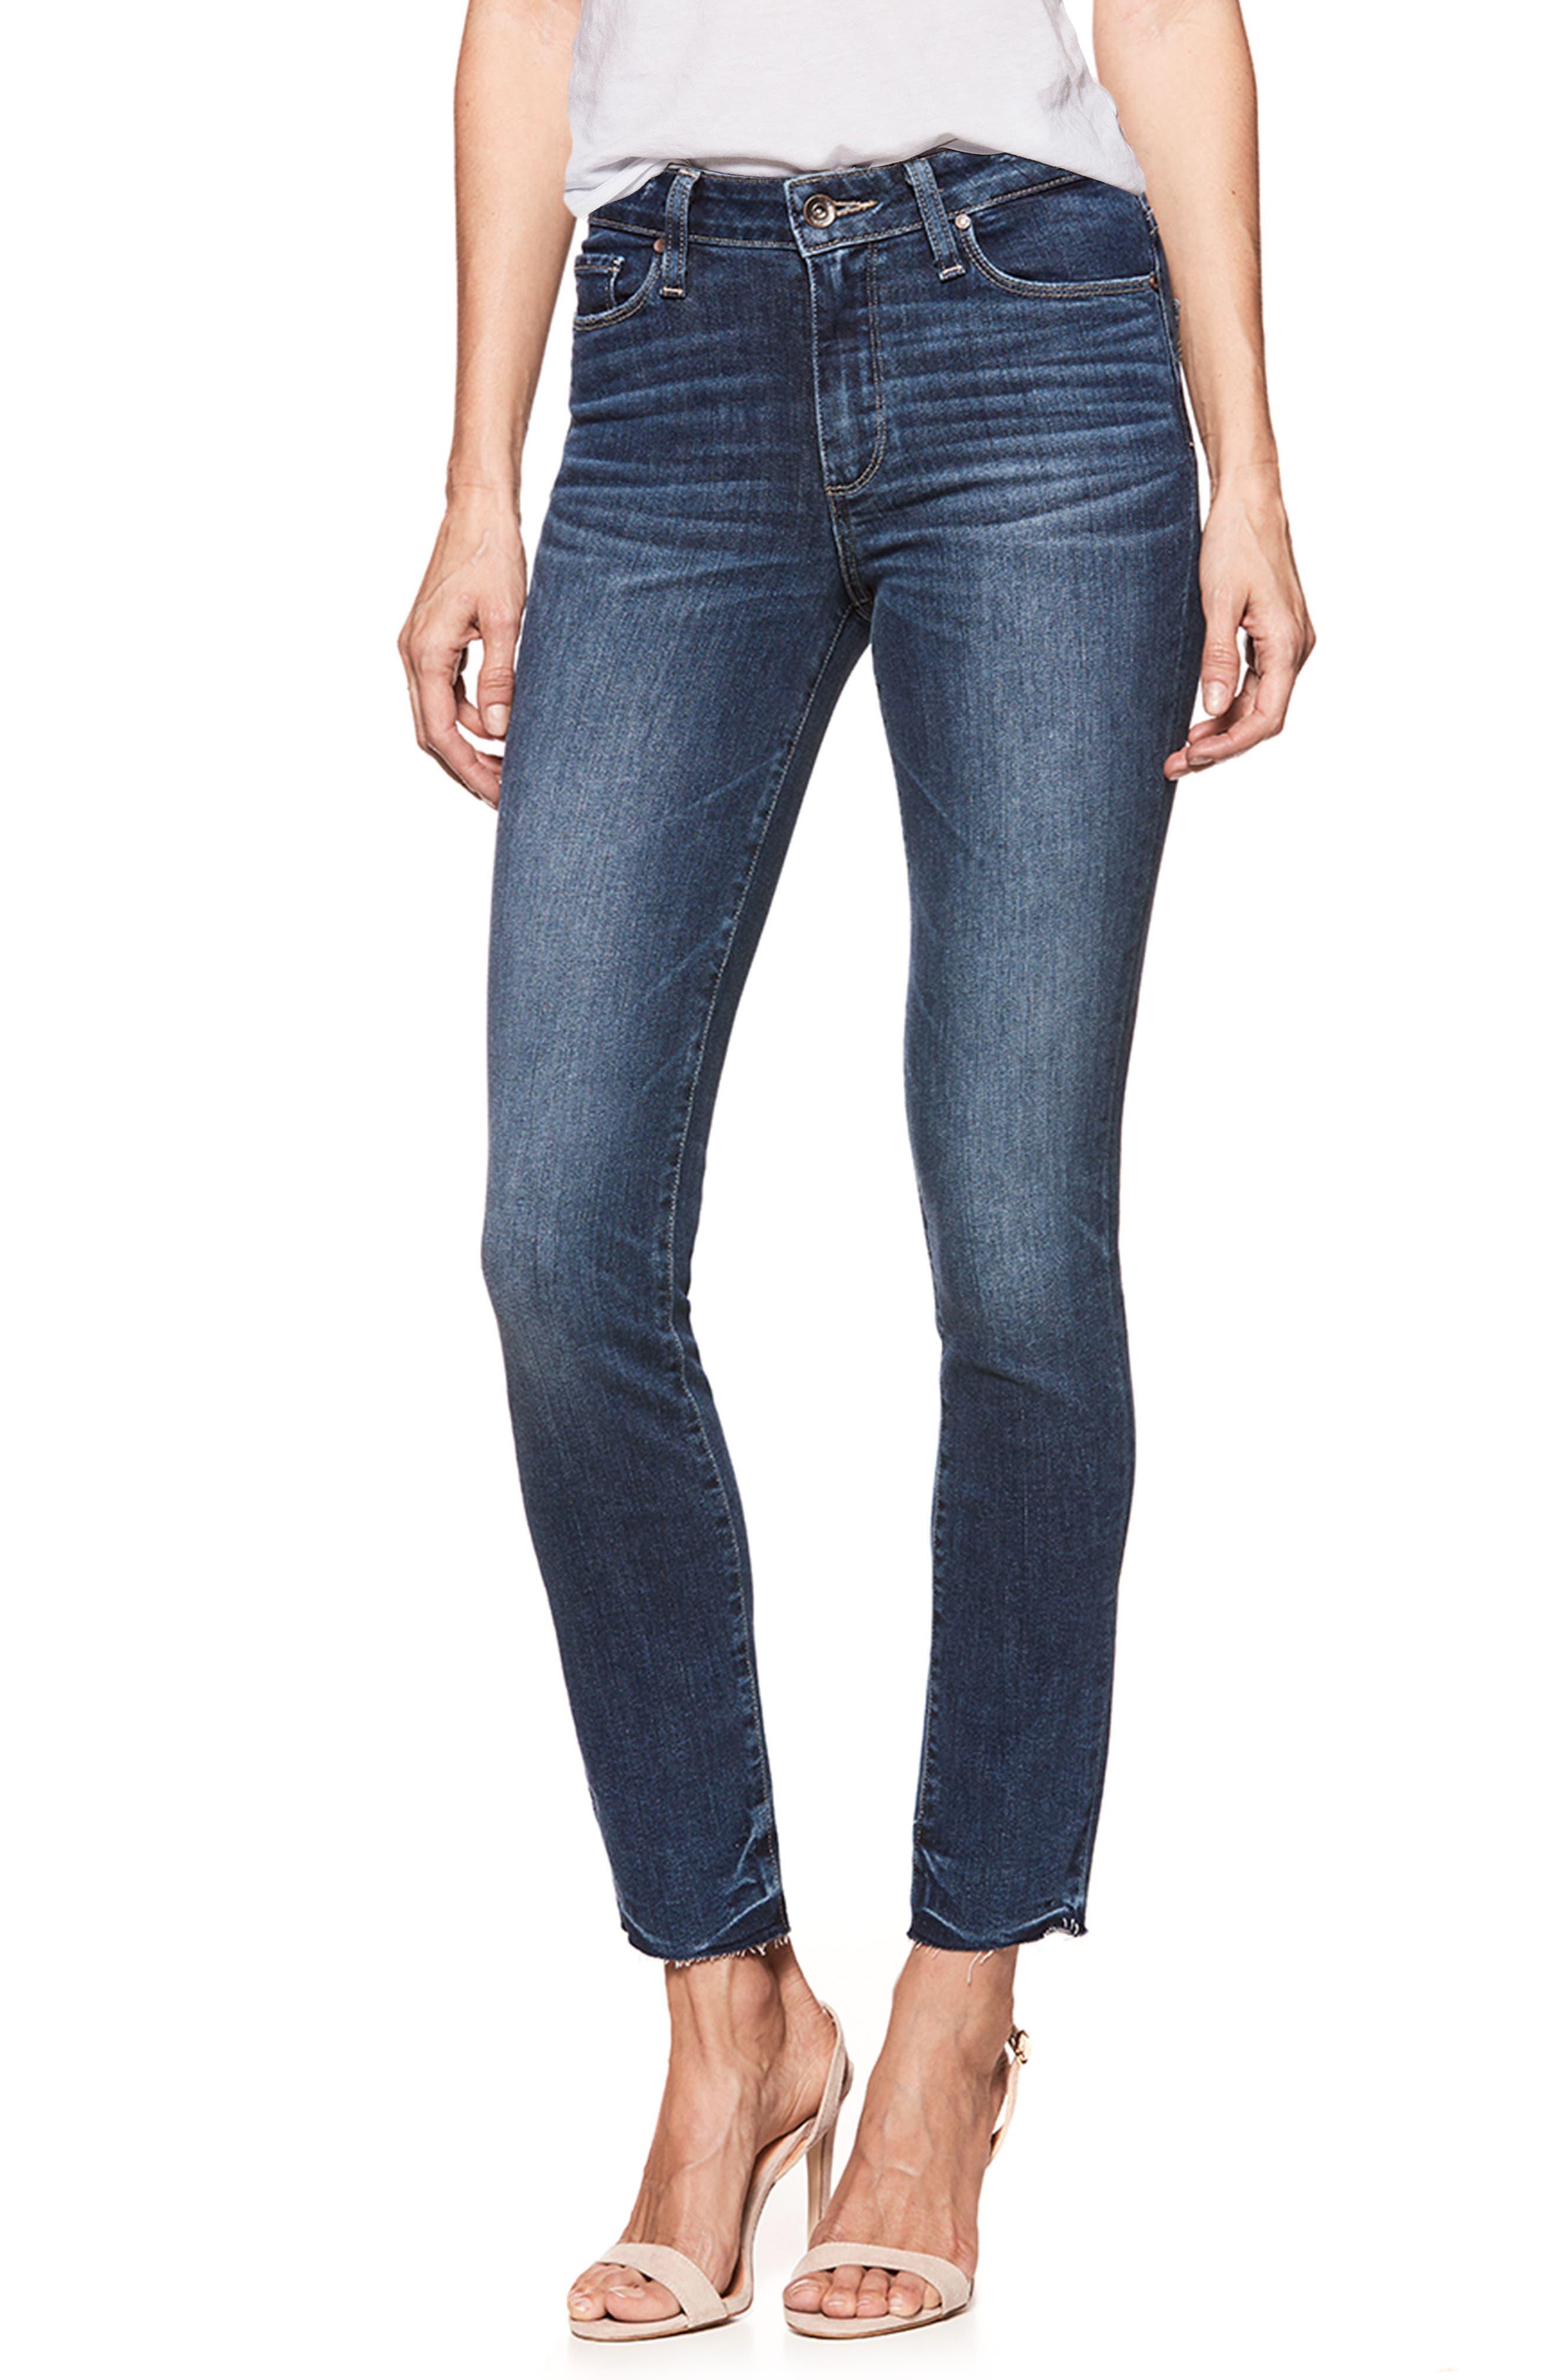 Transcend Vintage - Hoxton High Waist Ankle Peg Jeans,                             Main thumbnail 1, color,                             Riviera